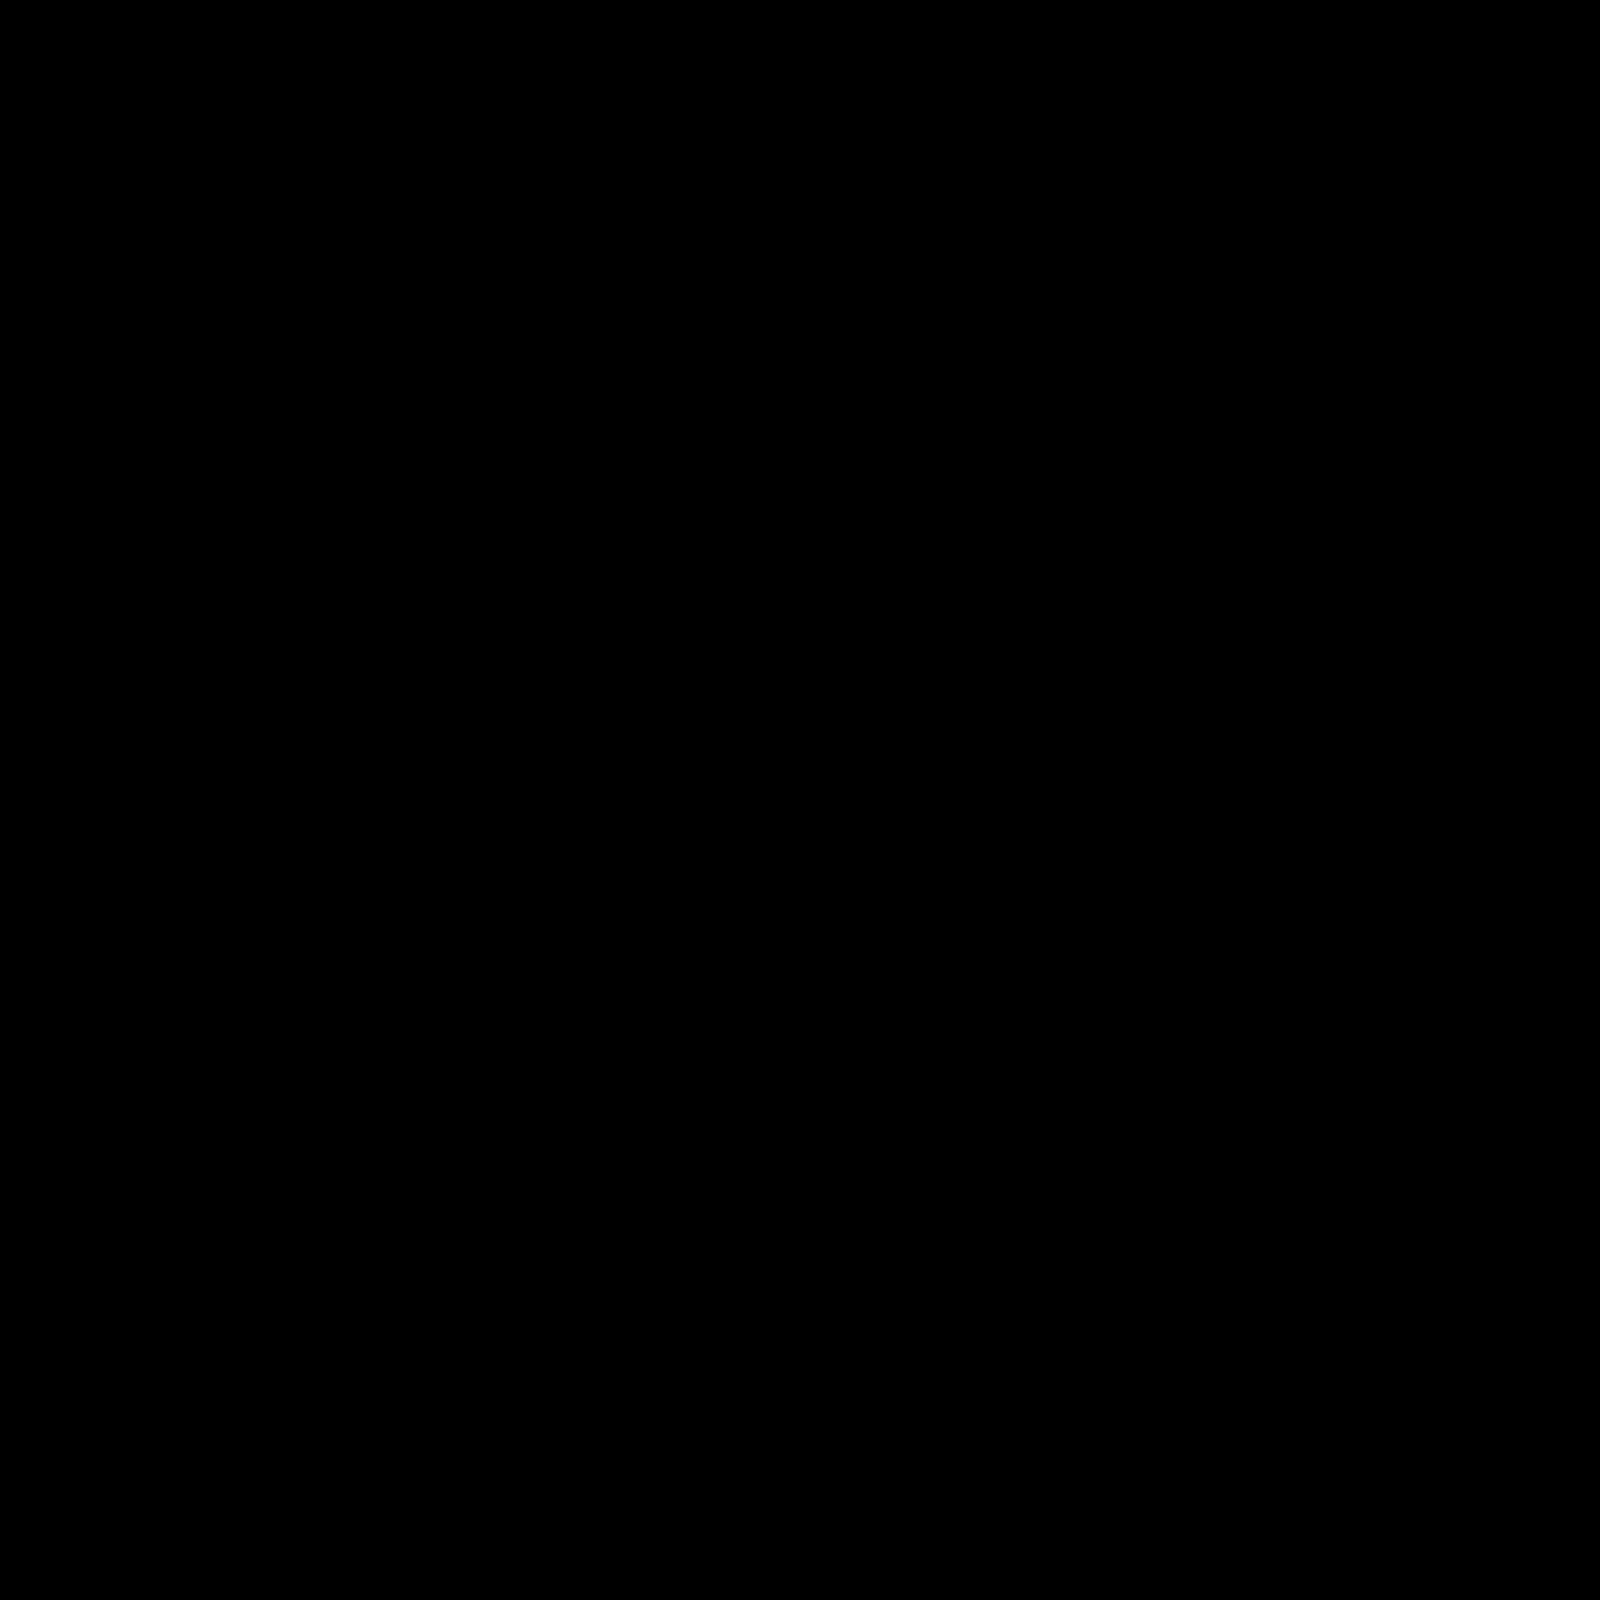 Мусор icon